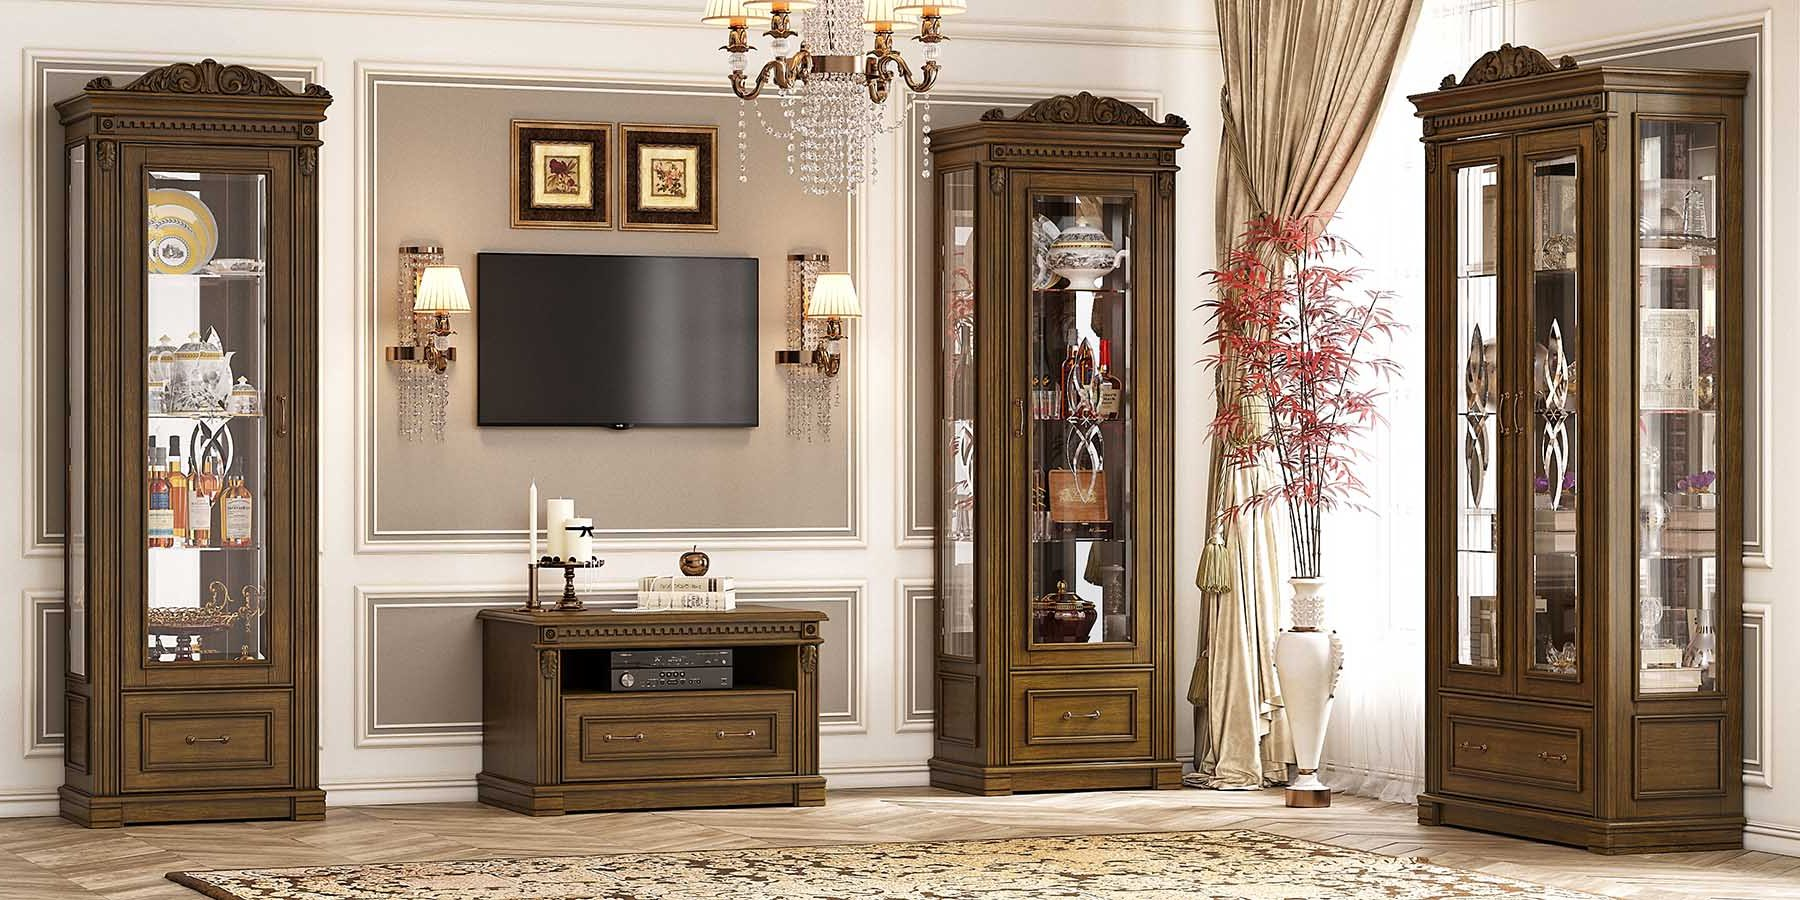 Galicia_Living-room_02-e1500889243160